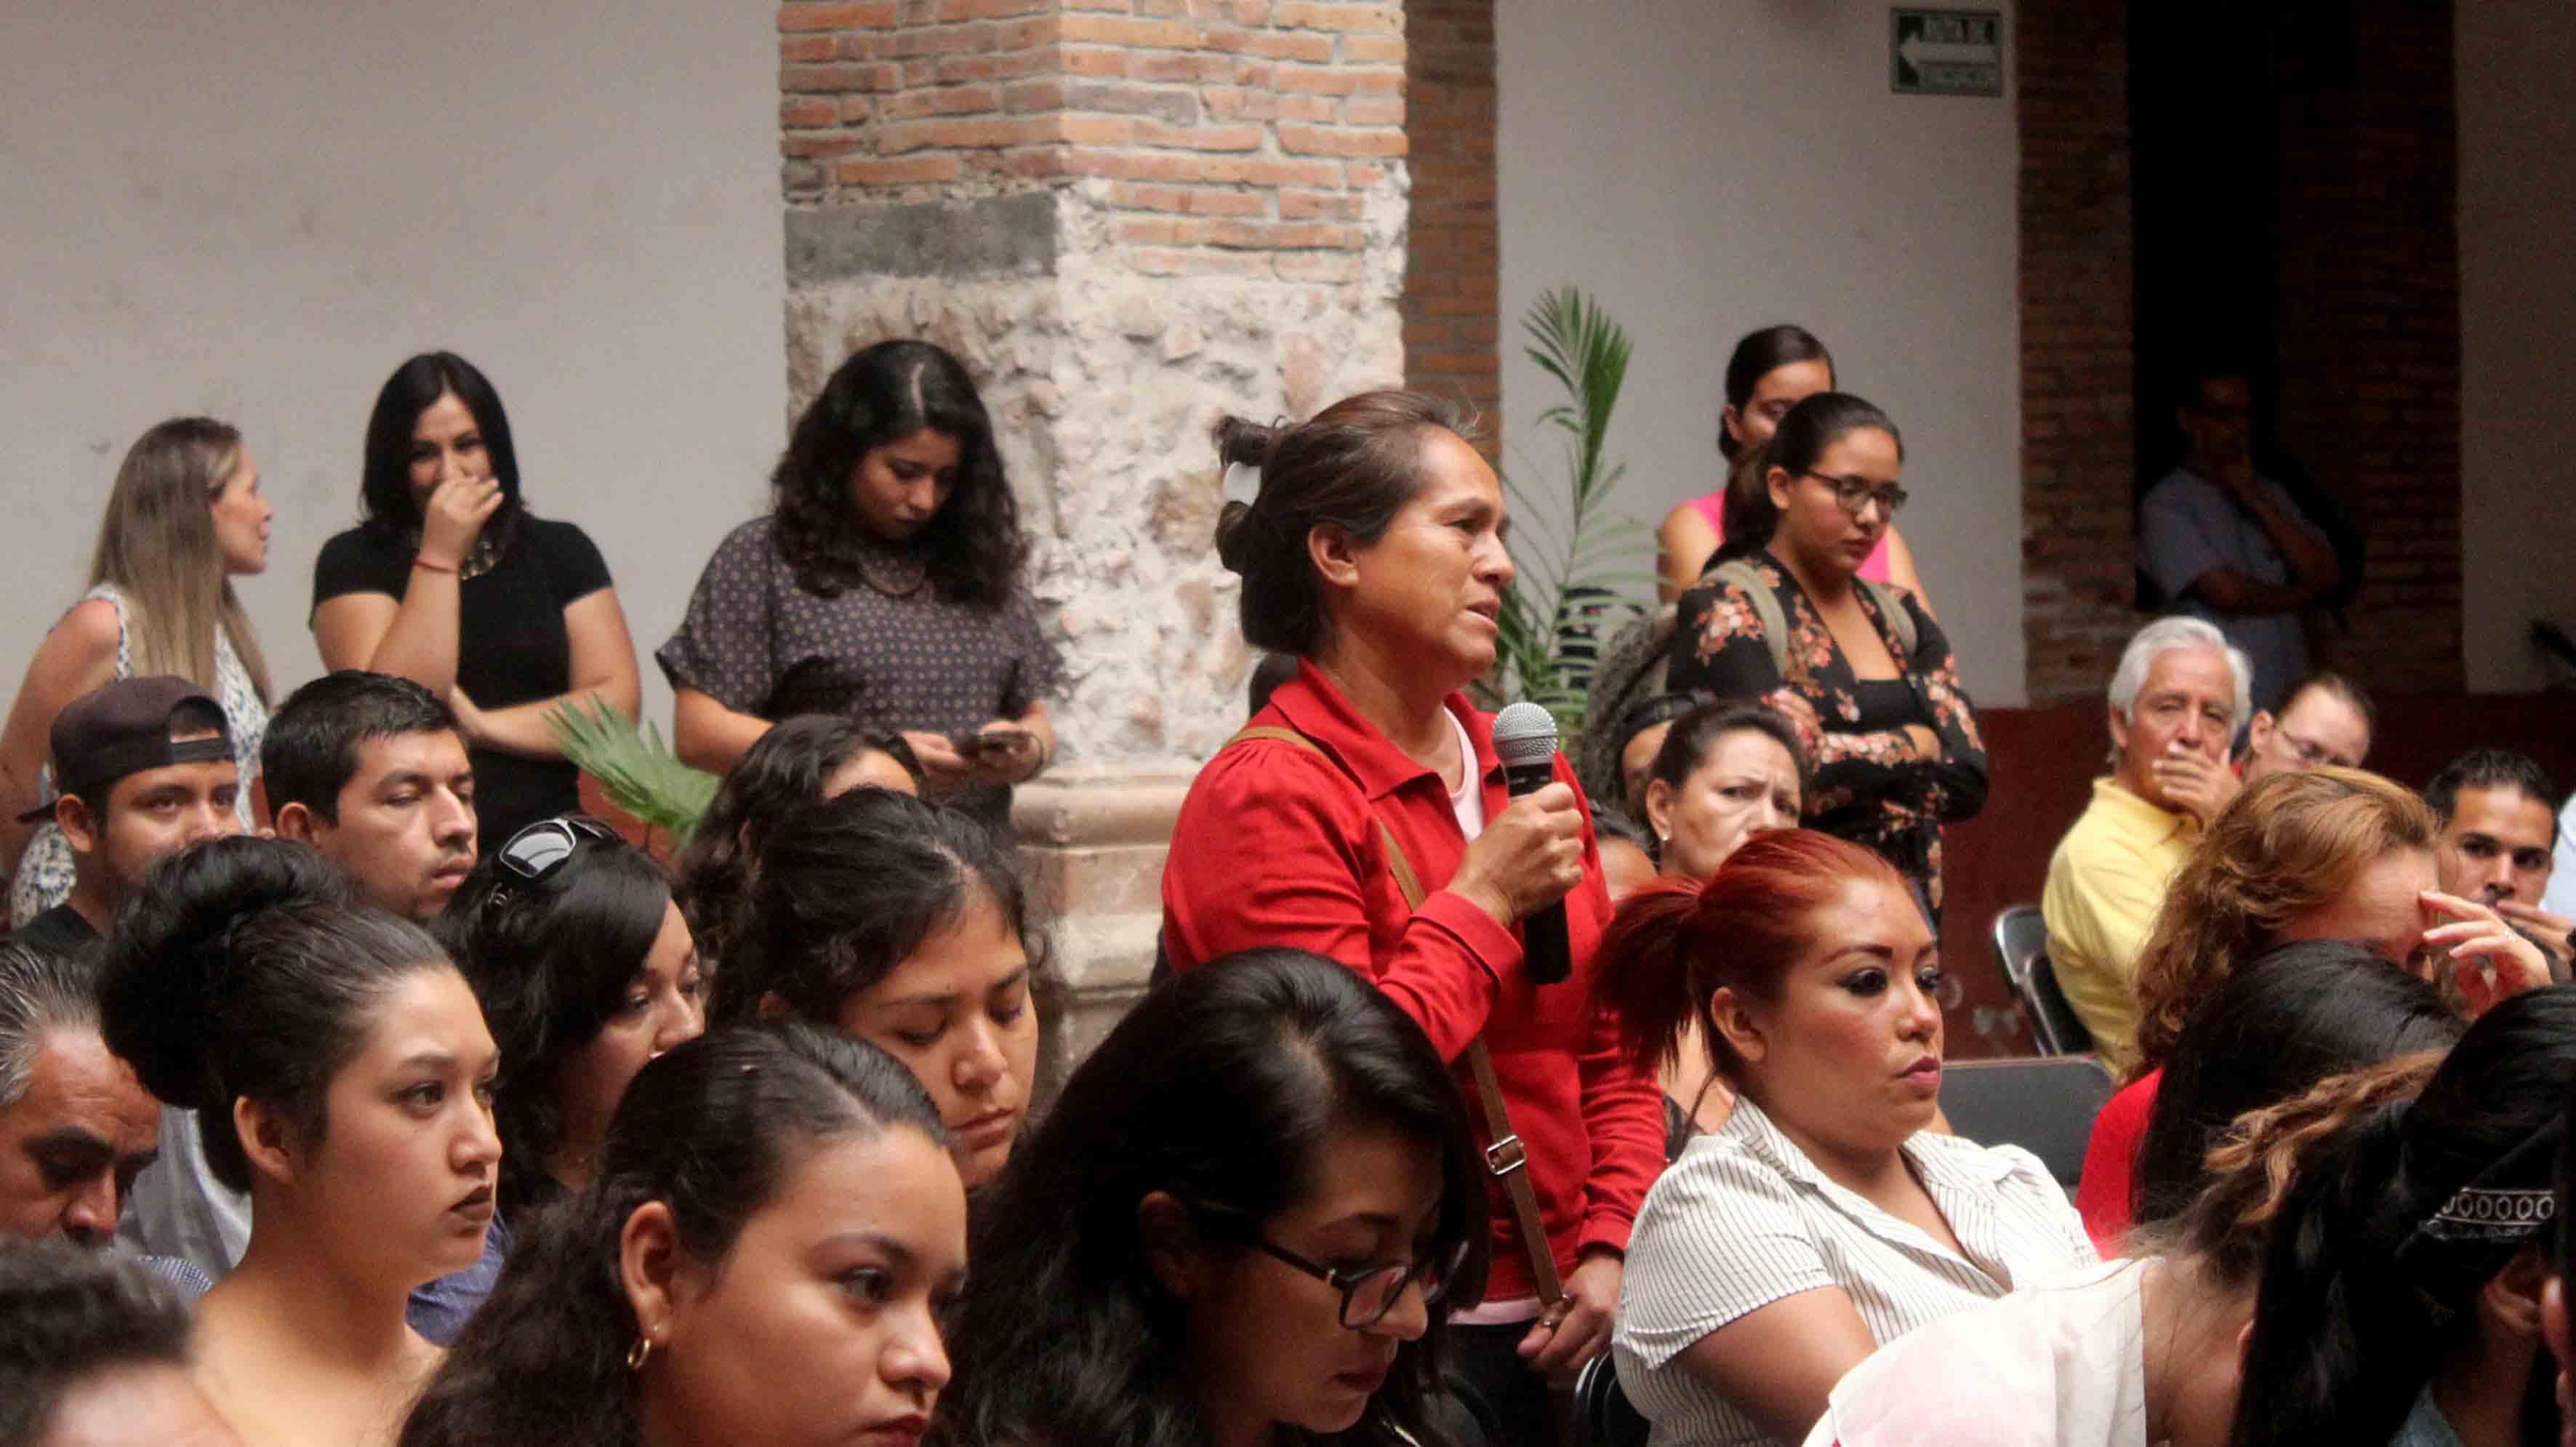 Comunidad de la región Altos Norte, asistentes al seminario, en el marco de las actividades de la Universidad Internacional de Verano.